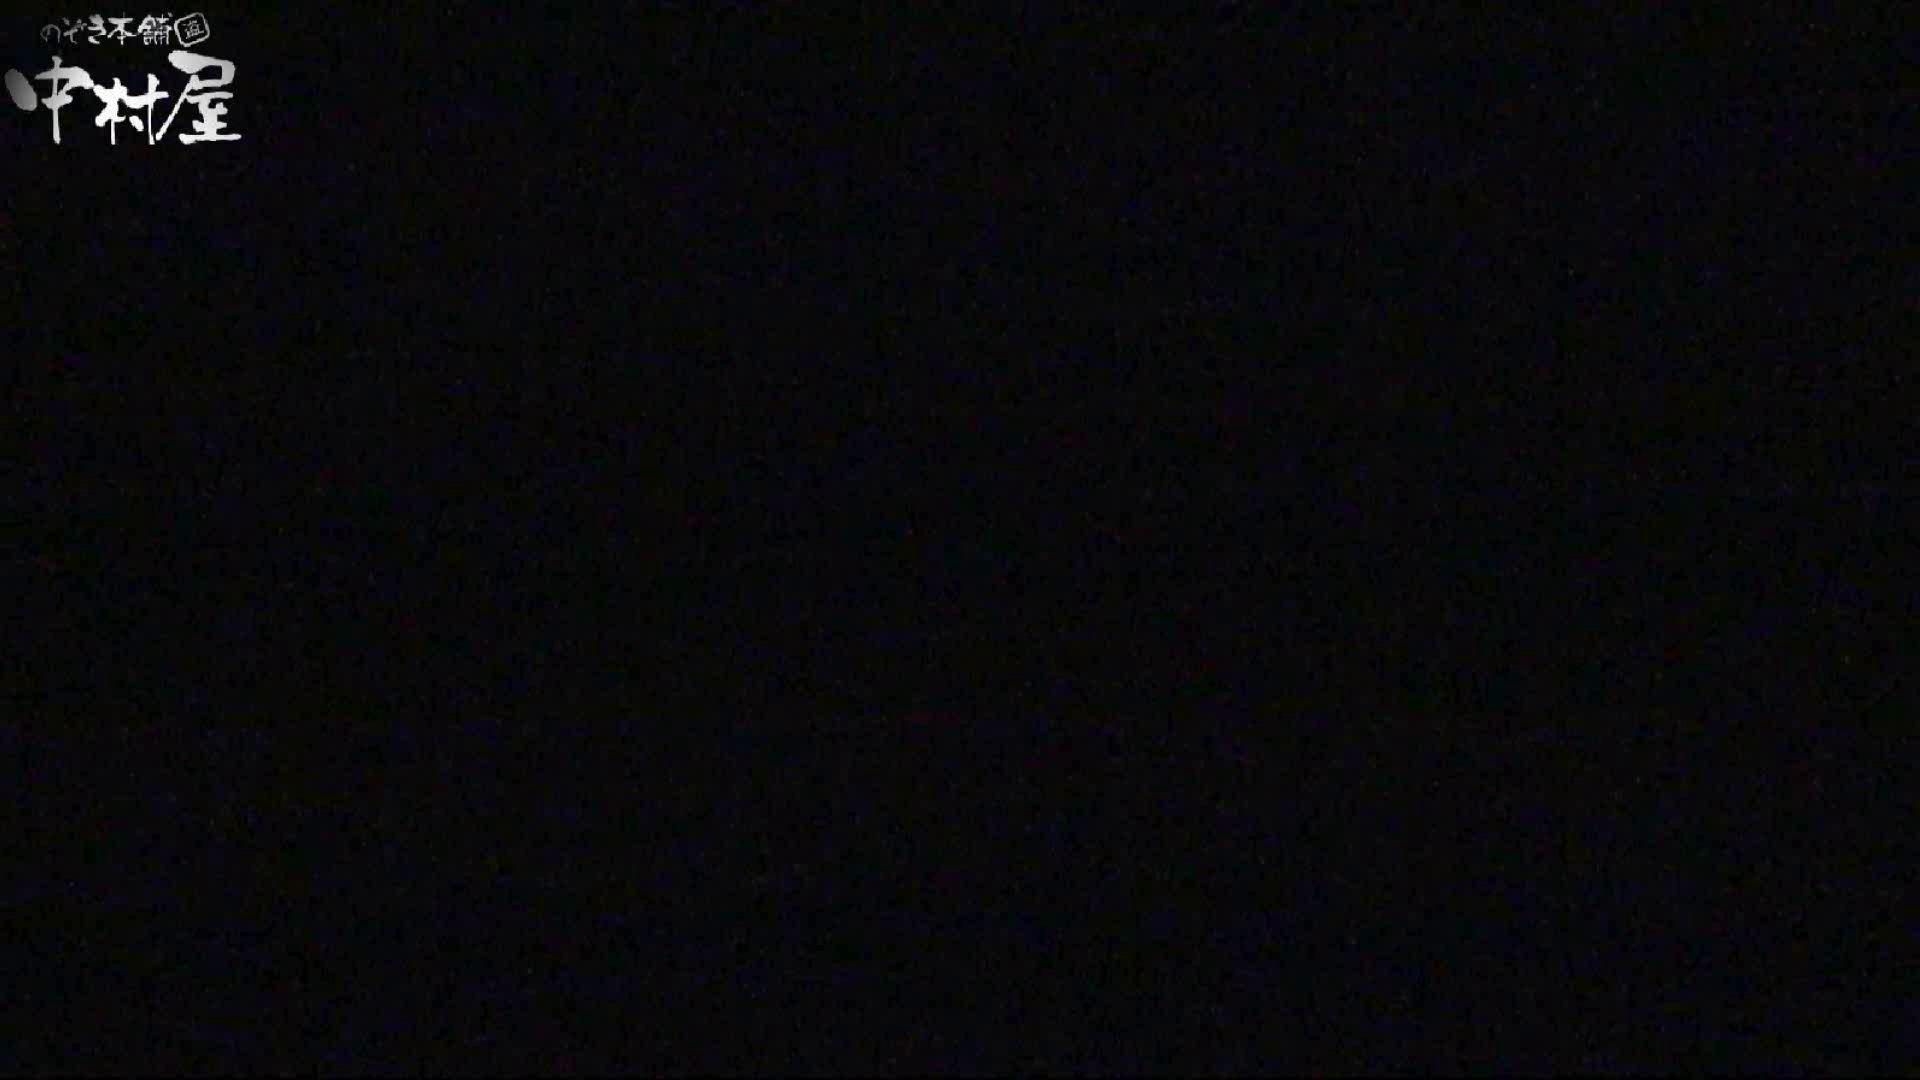 民家風呂専門盗撮師の超危険映像 vol.027 民家 | 美少女ヌード  49pic 1